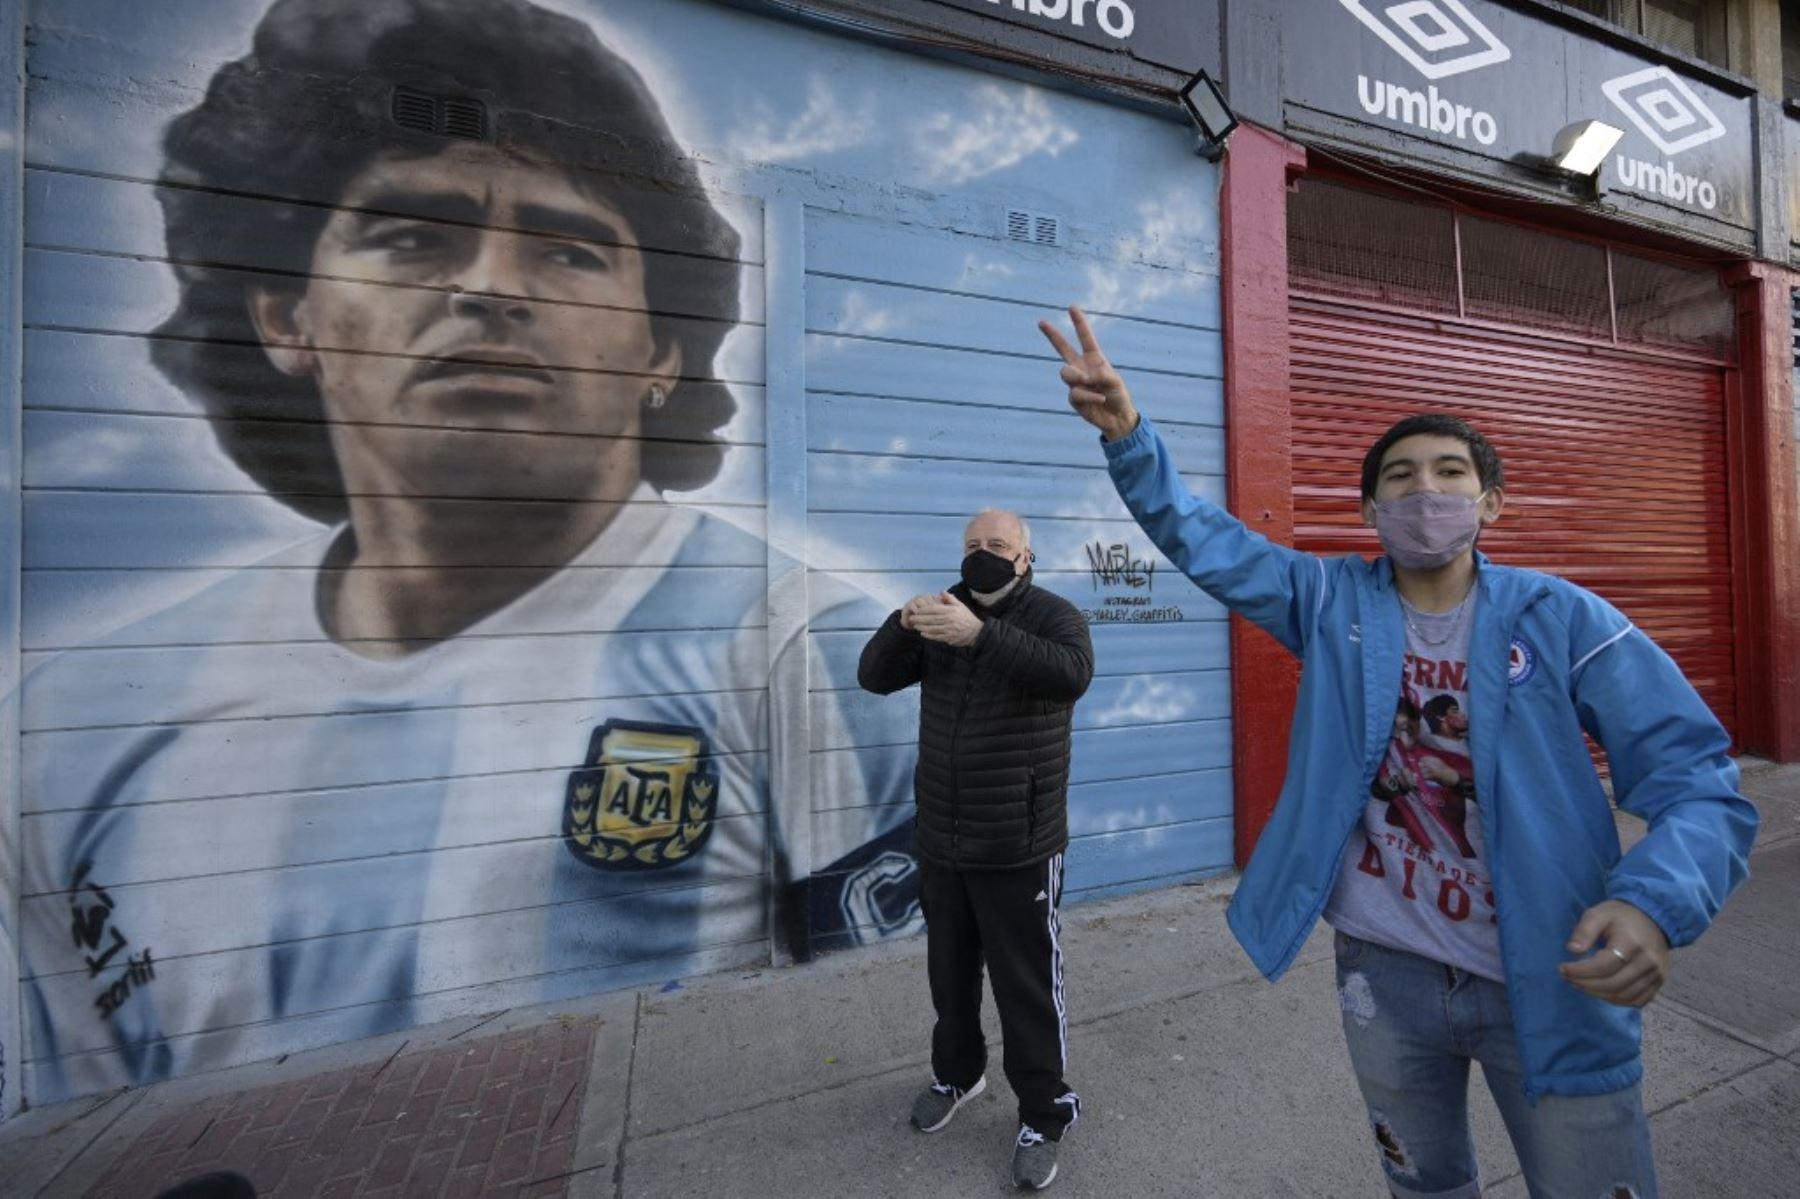 La justicia argentina busca esclarecer la muerte de Diego Maradona.